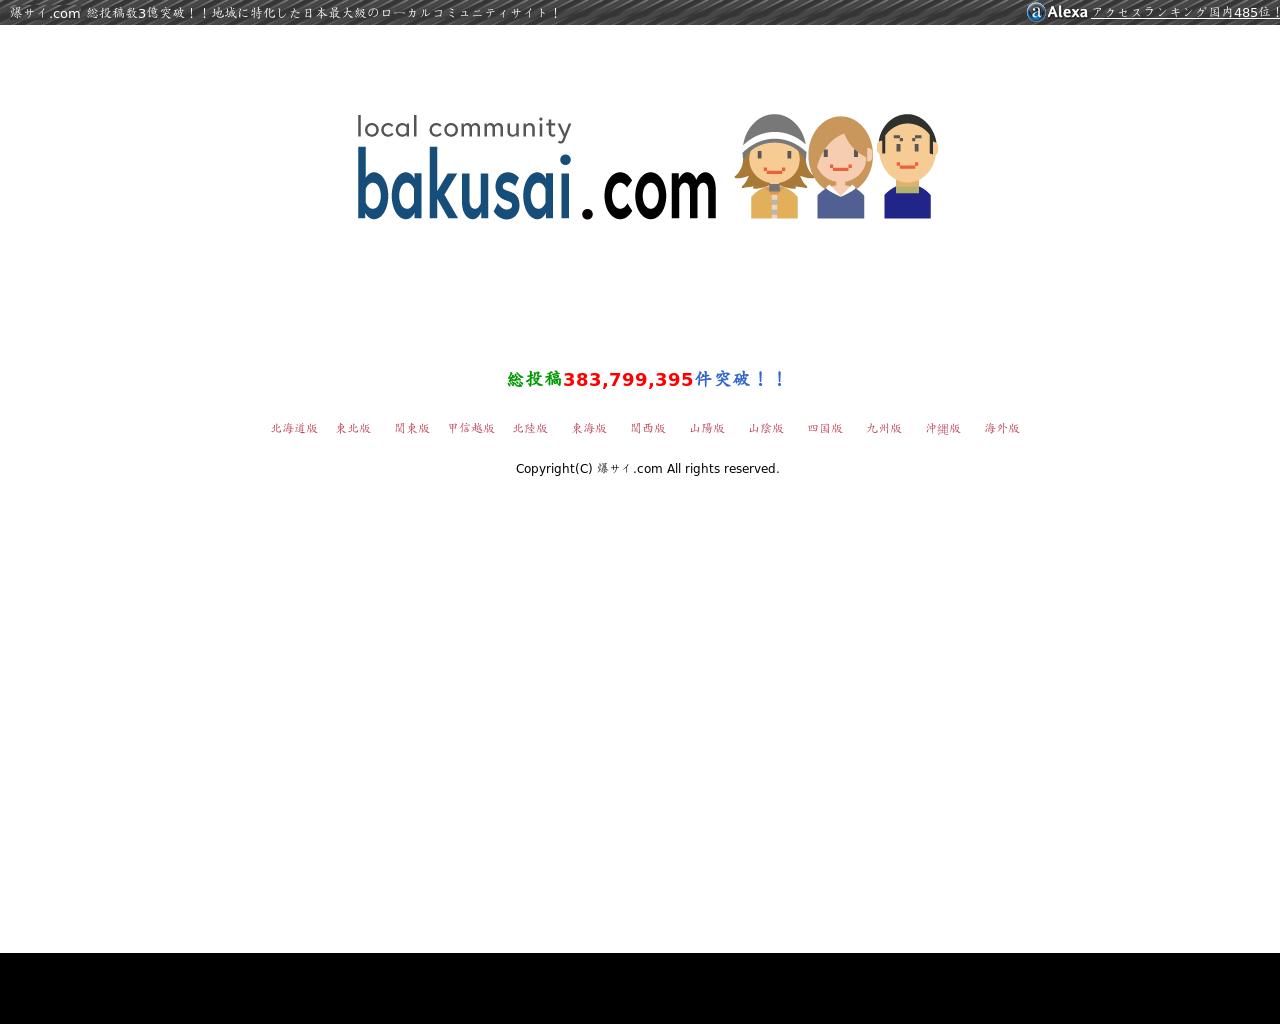 bakusai.com(2017/12/06 22:56:23)